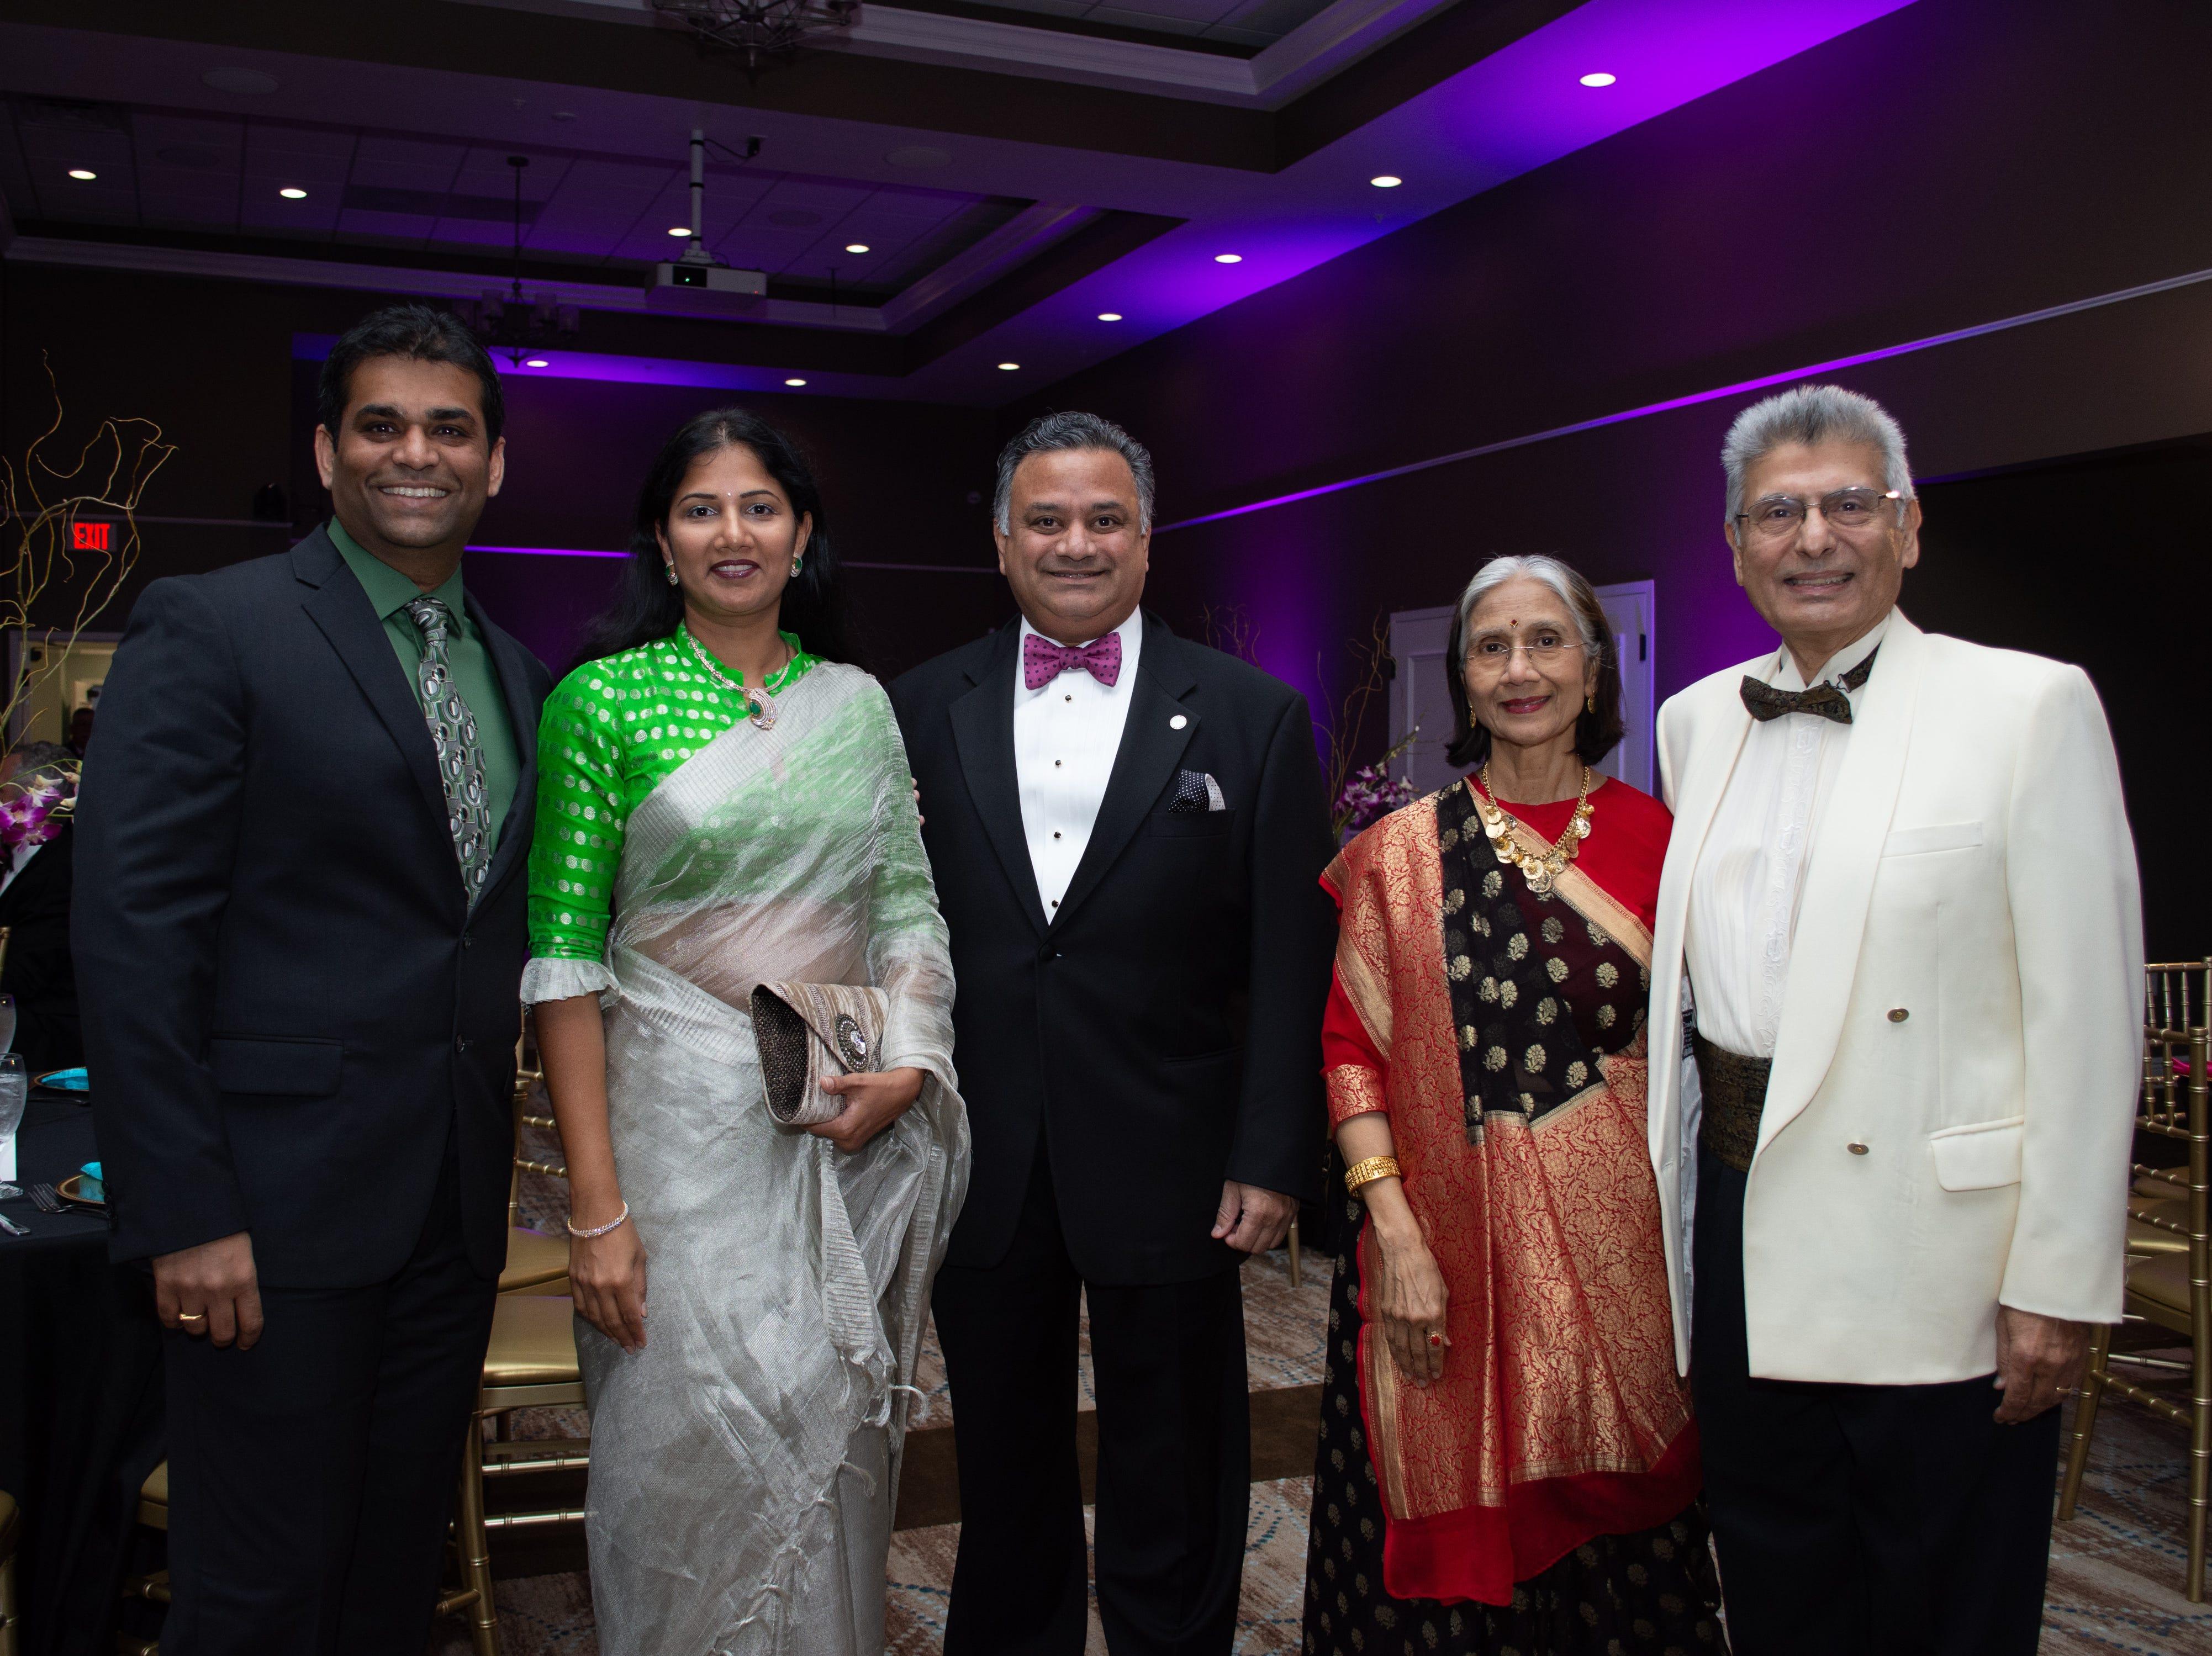 Dr. Pavan Kancharla, Dr. Swetha Reddy, Glad Kurian, Dr. Snehlata Pandya, and Dr. Sumant Pandya.